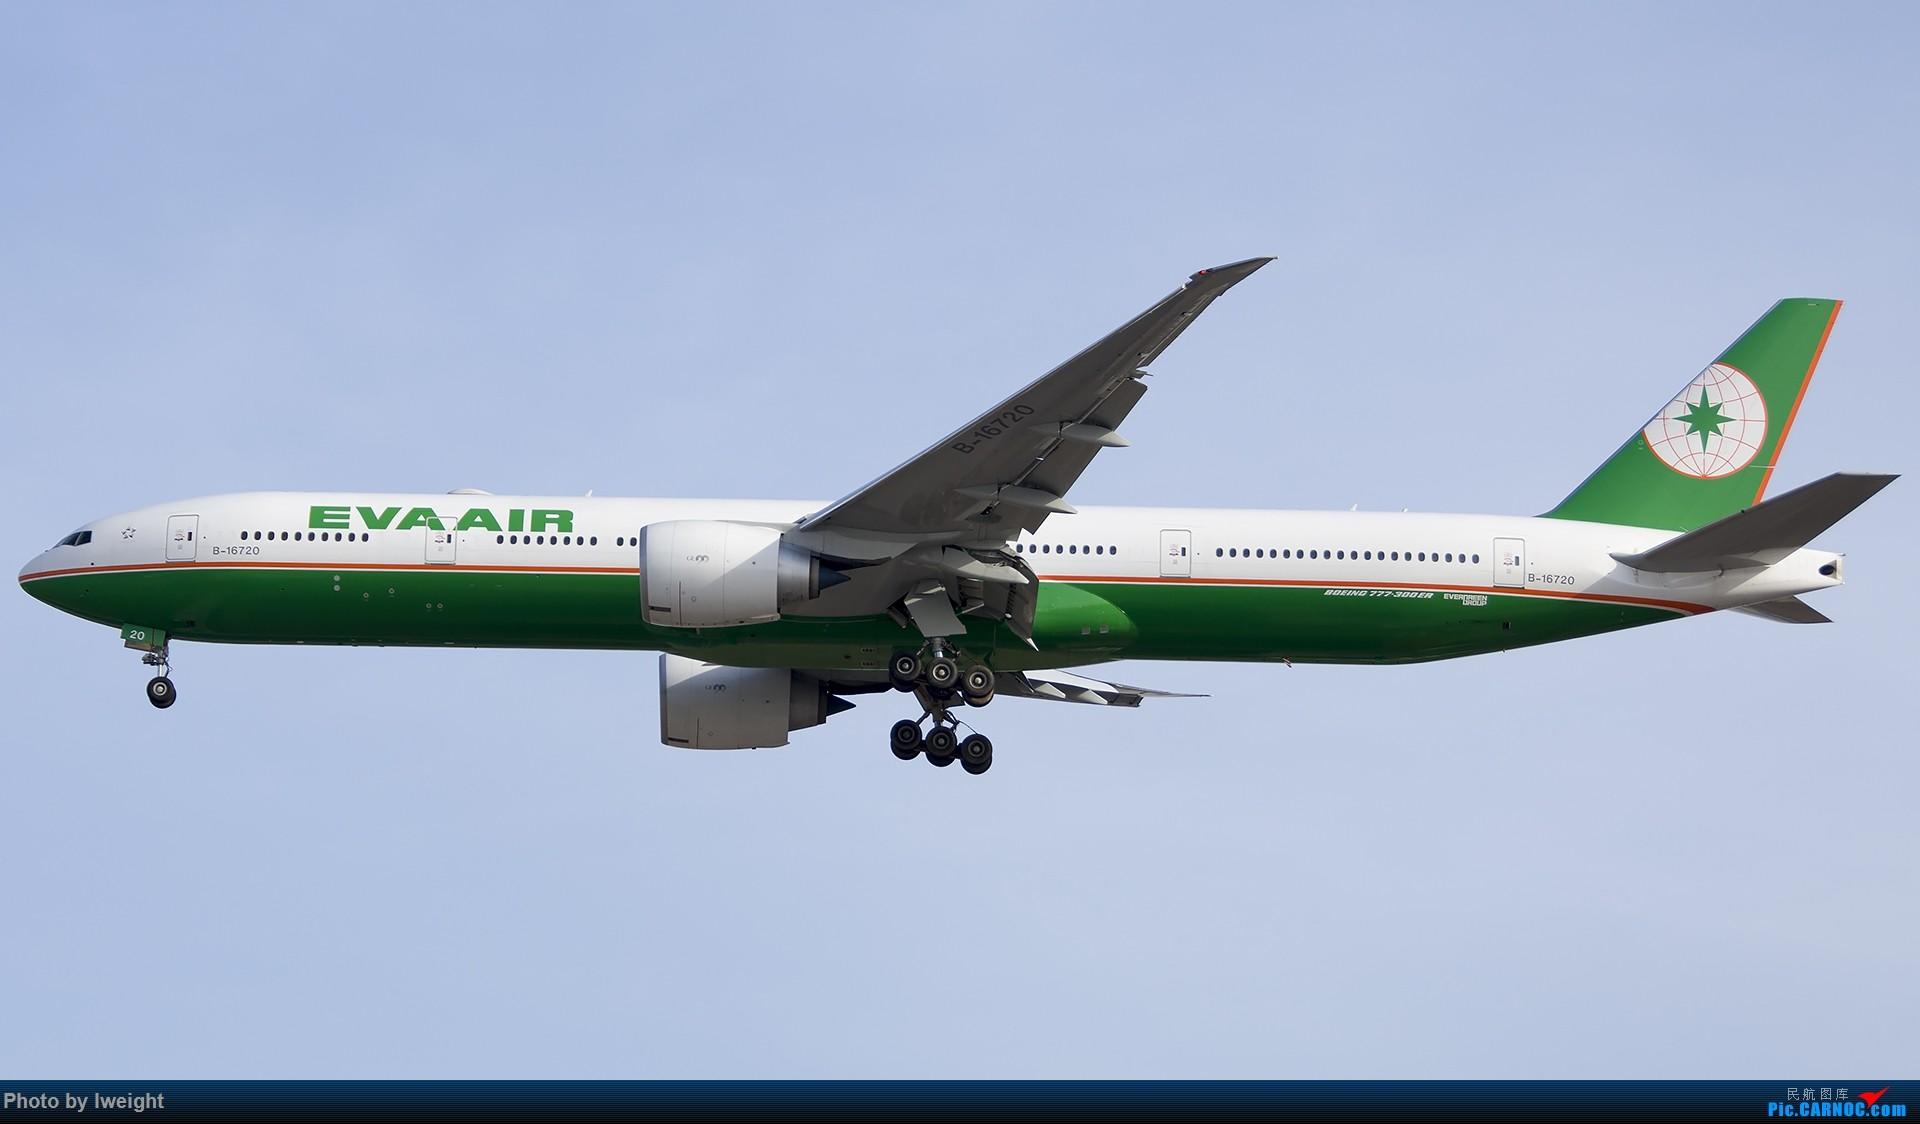 Re:[原创]2014-12-06 PEK天气由好变坏的直接体验 BOEING 777-300 B-16720 中国北京首都国际机场